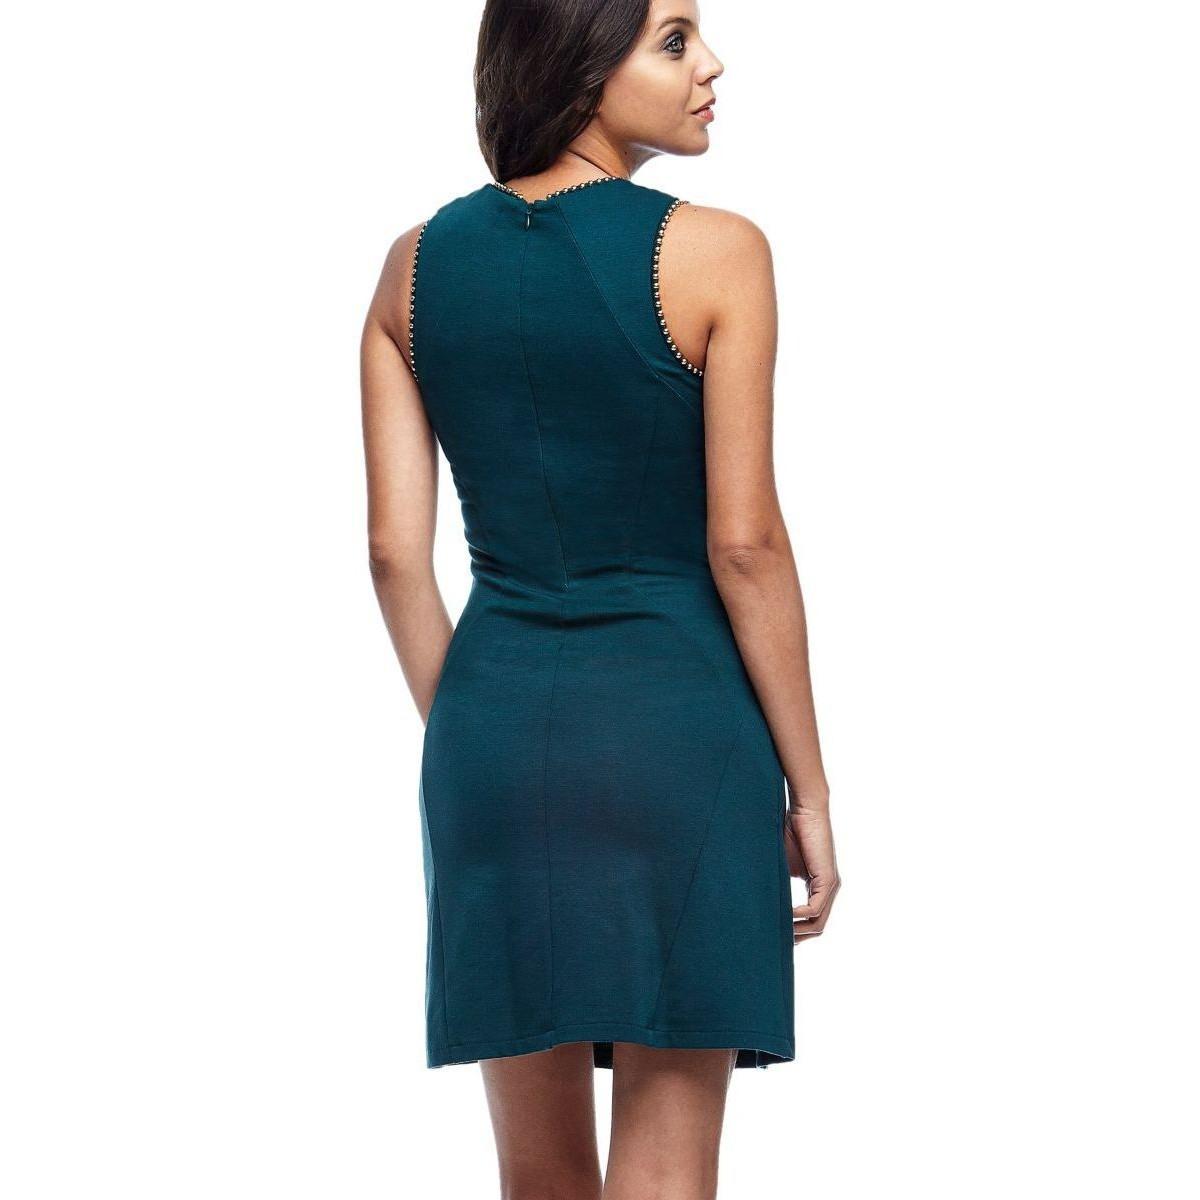 Formal Top Damen Kleid Grün BoutiqueFormal Schön Damen Kleid Grün Bester Preis